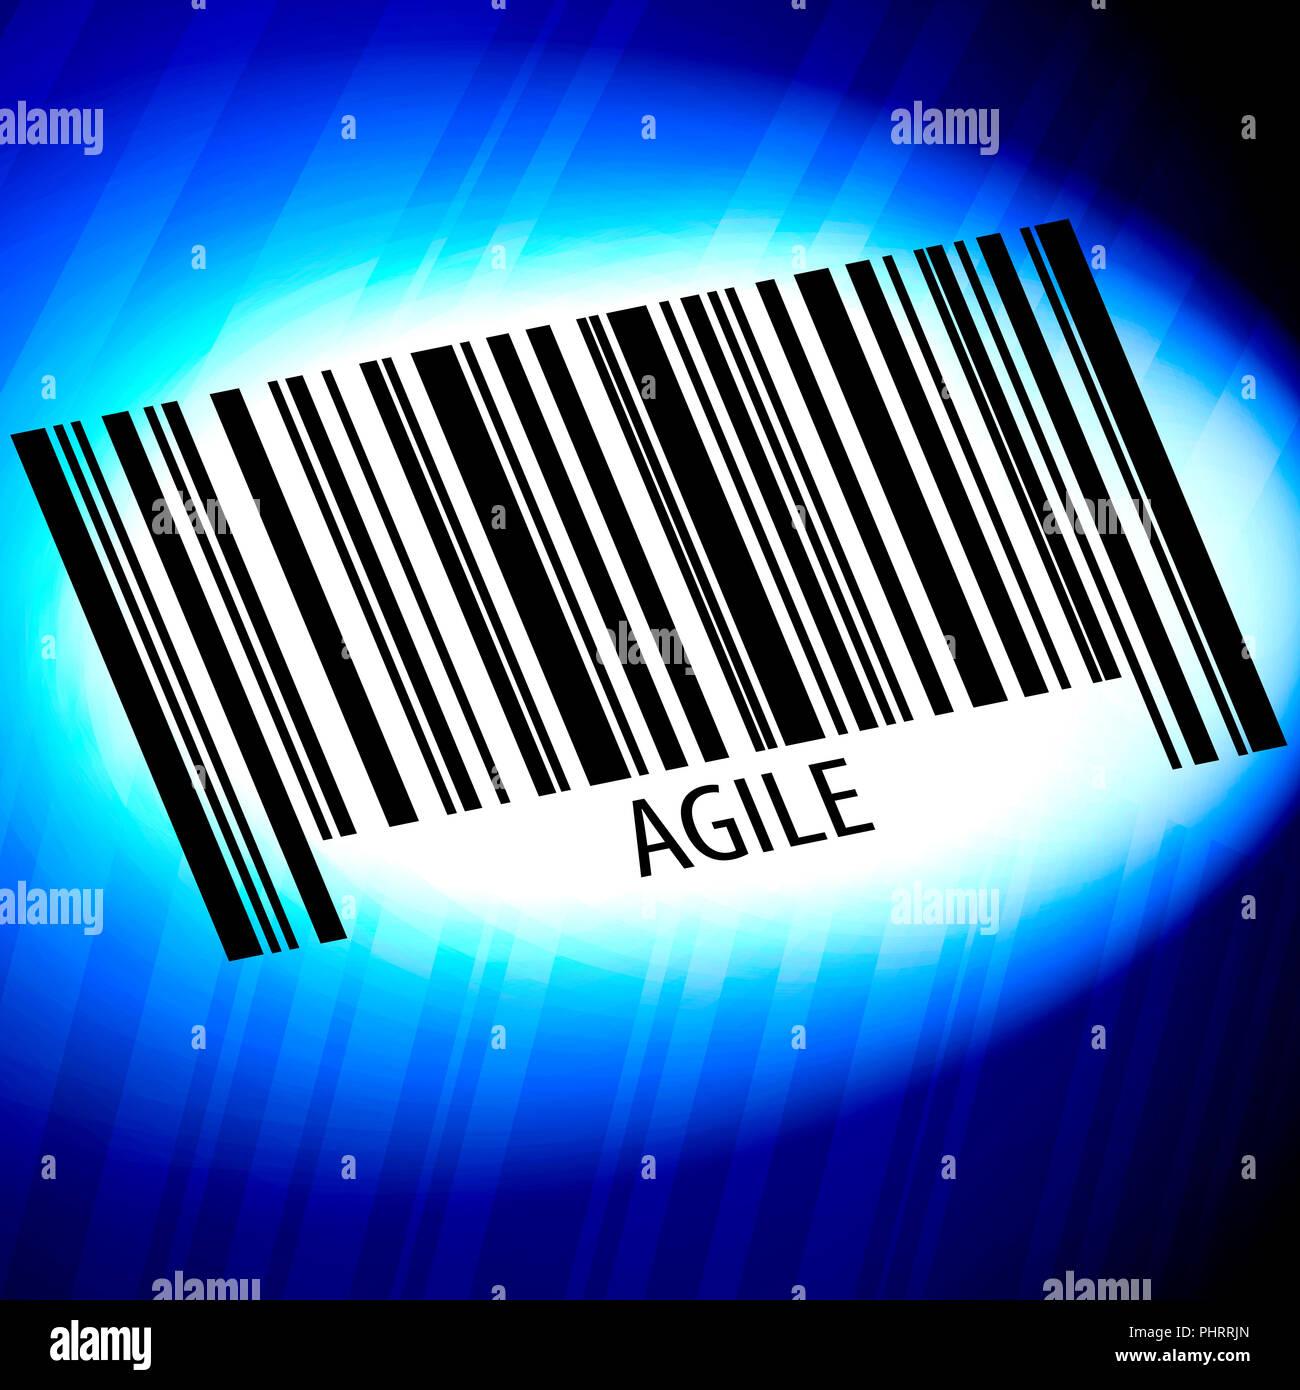 Agile - codice a barre con sfondo blu Immagini Stock